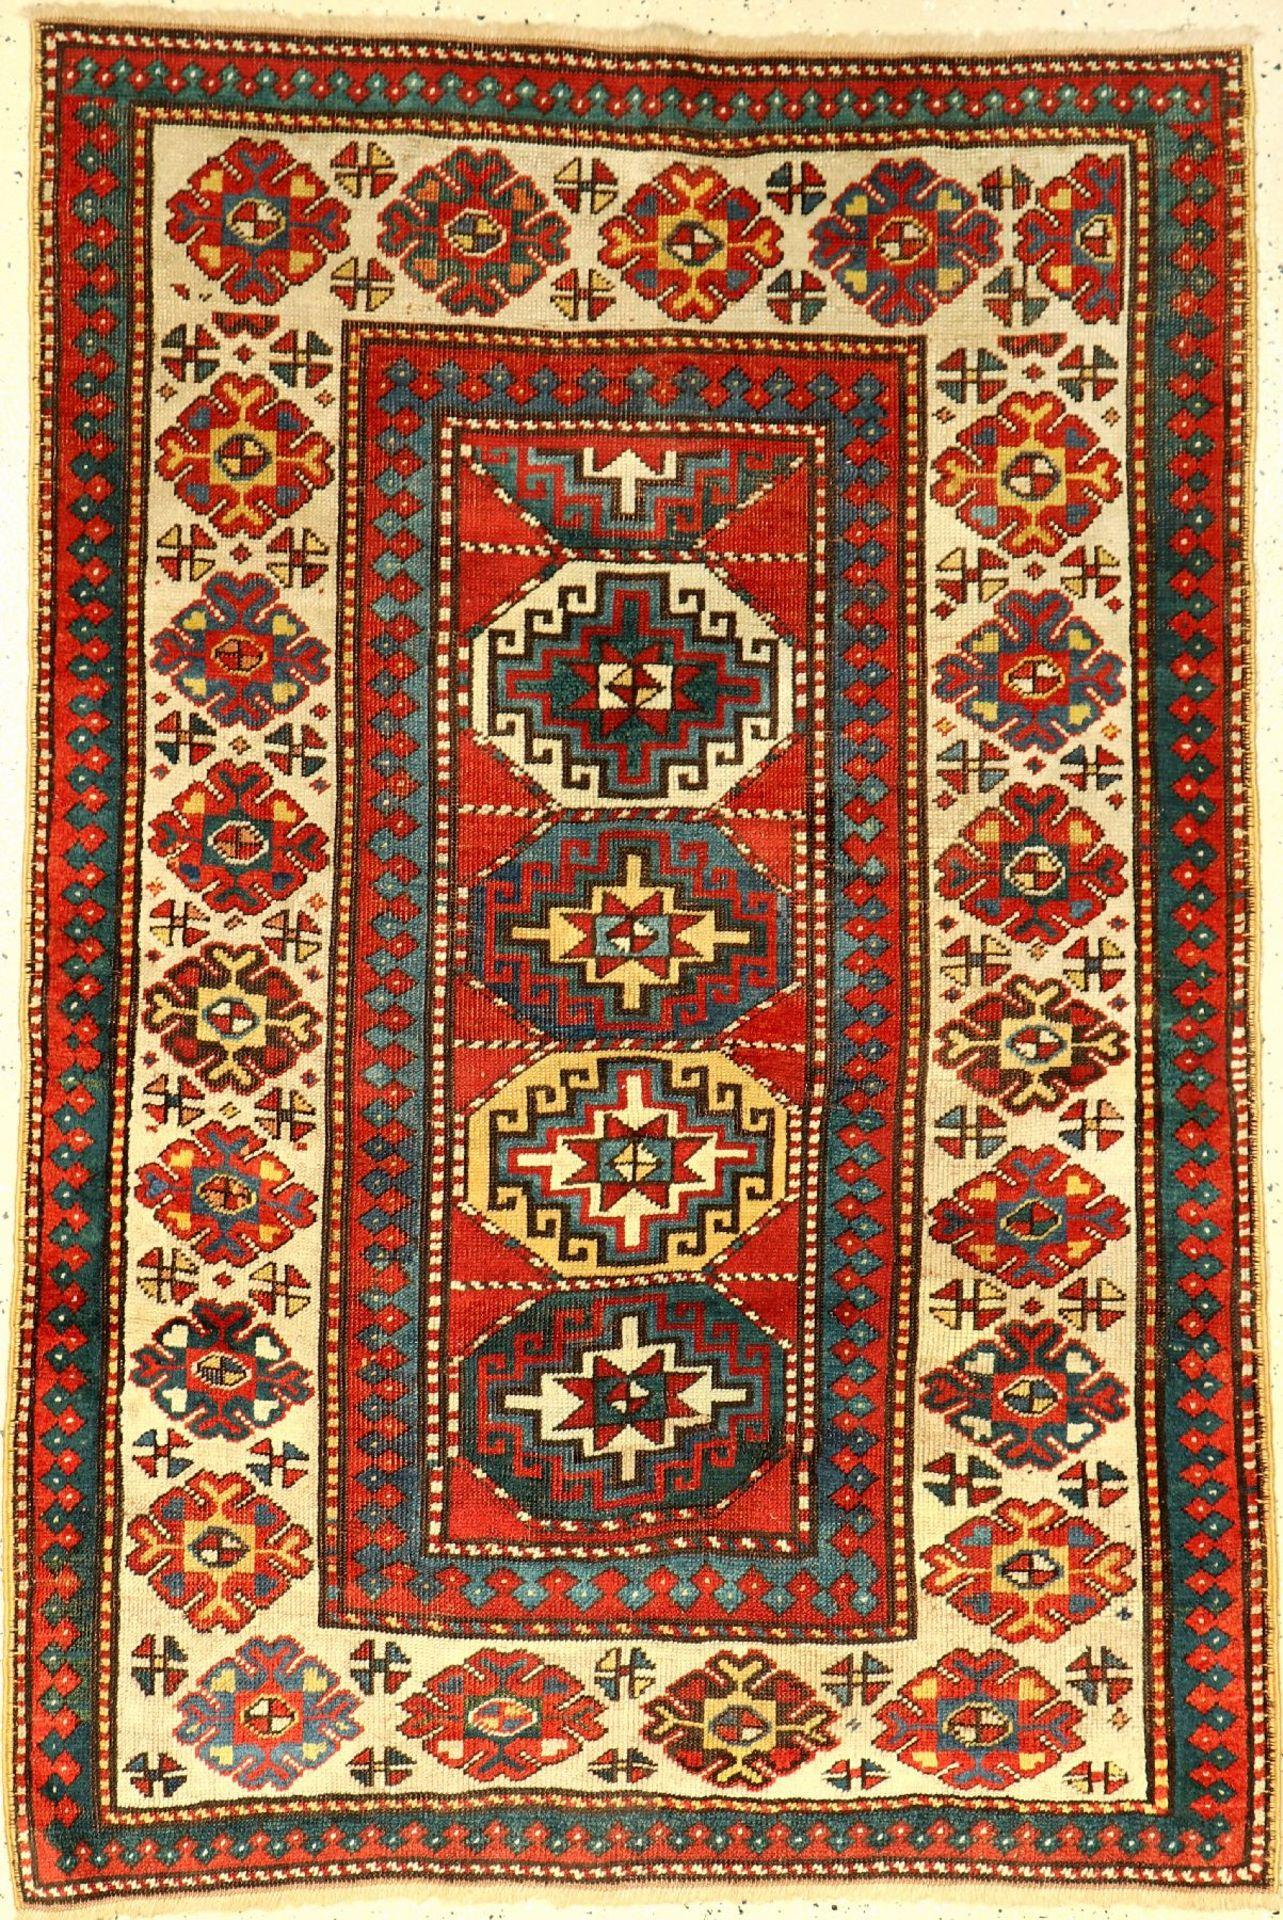 Kasak antik, Kaukasus, 19.Jhd., Wolle auf Wolle, ca. 168 x 116 cm, selten, Memling-Guls,(Alters